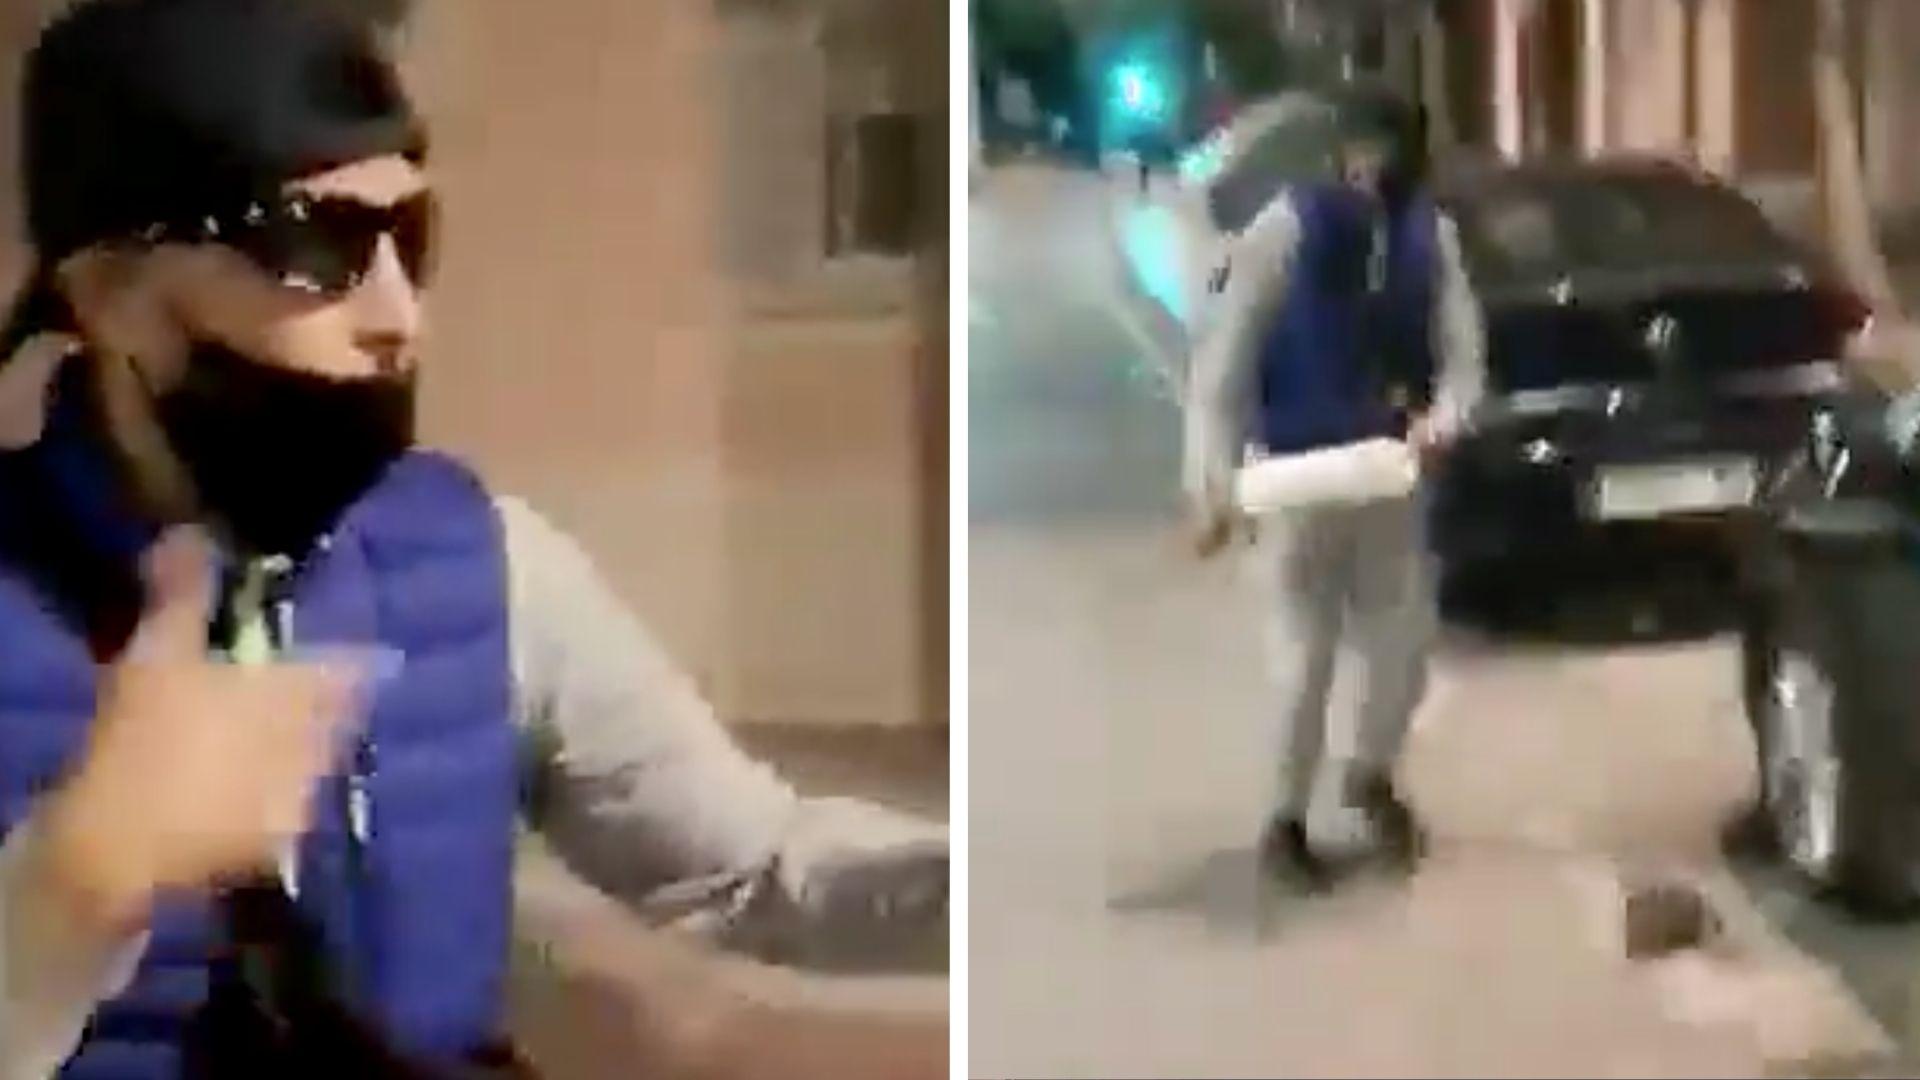 Španělsko: Marocký vetřelec rozkopal ženě auto, protože mu odmítla dát peníze (video)